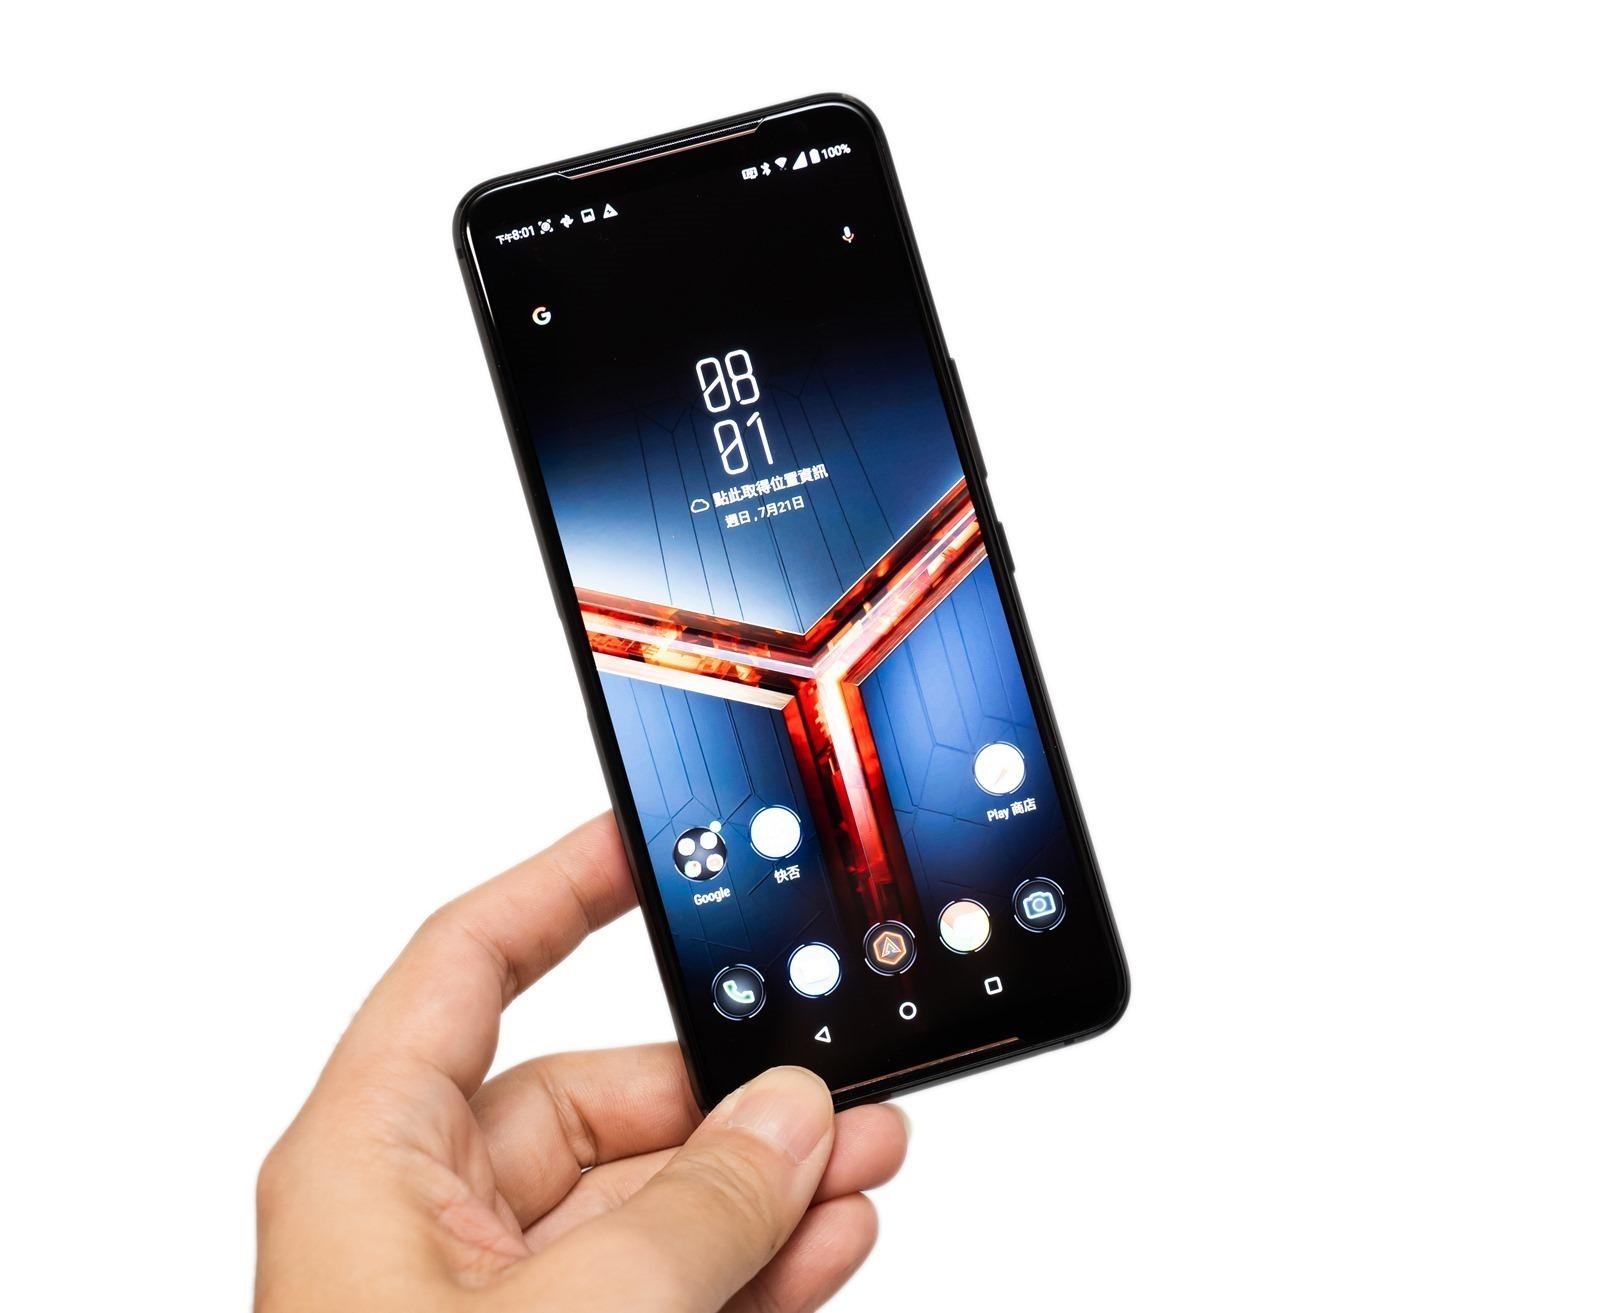 【開箱】最強遊戲手機就是 ROG Phone II,120Hz 螢幕滿滿電競元素!